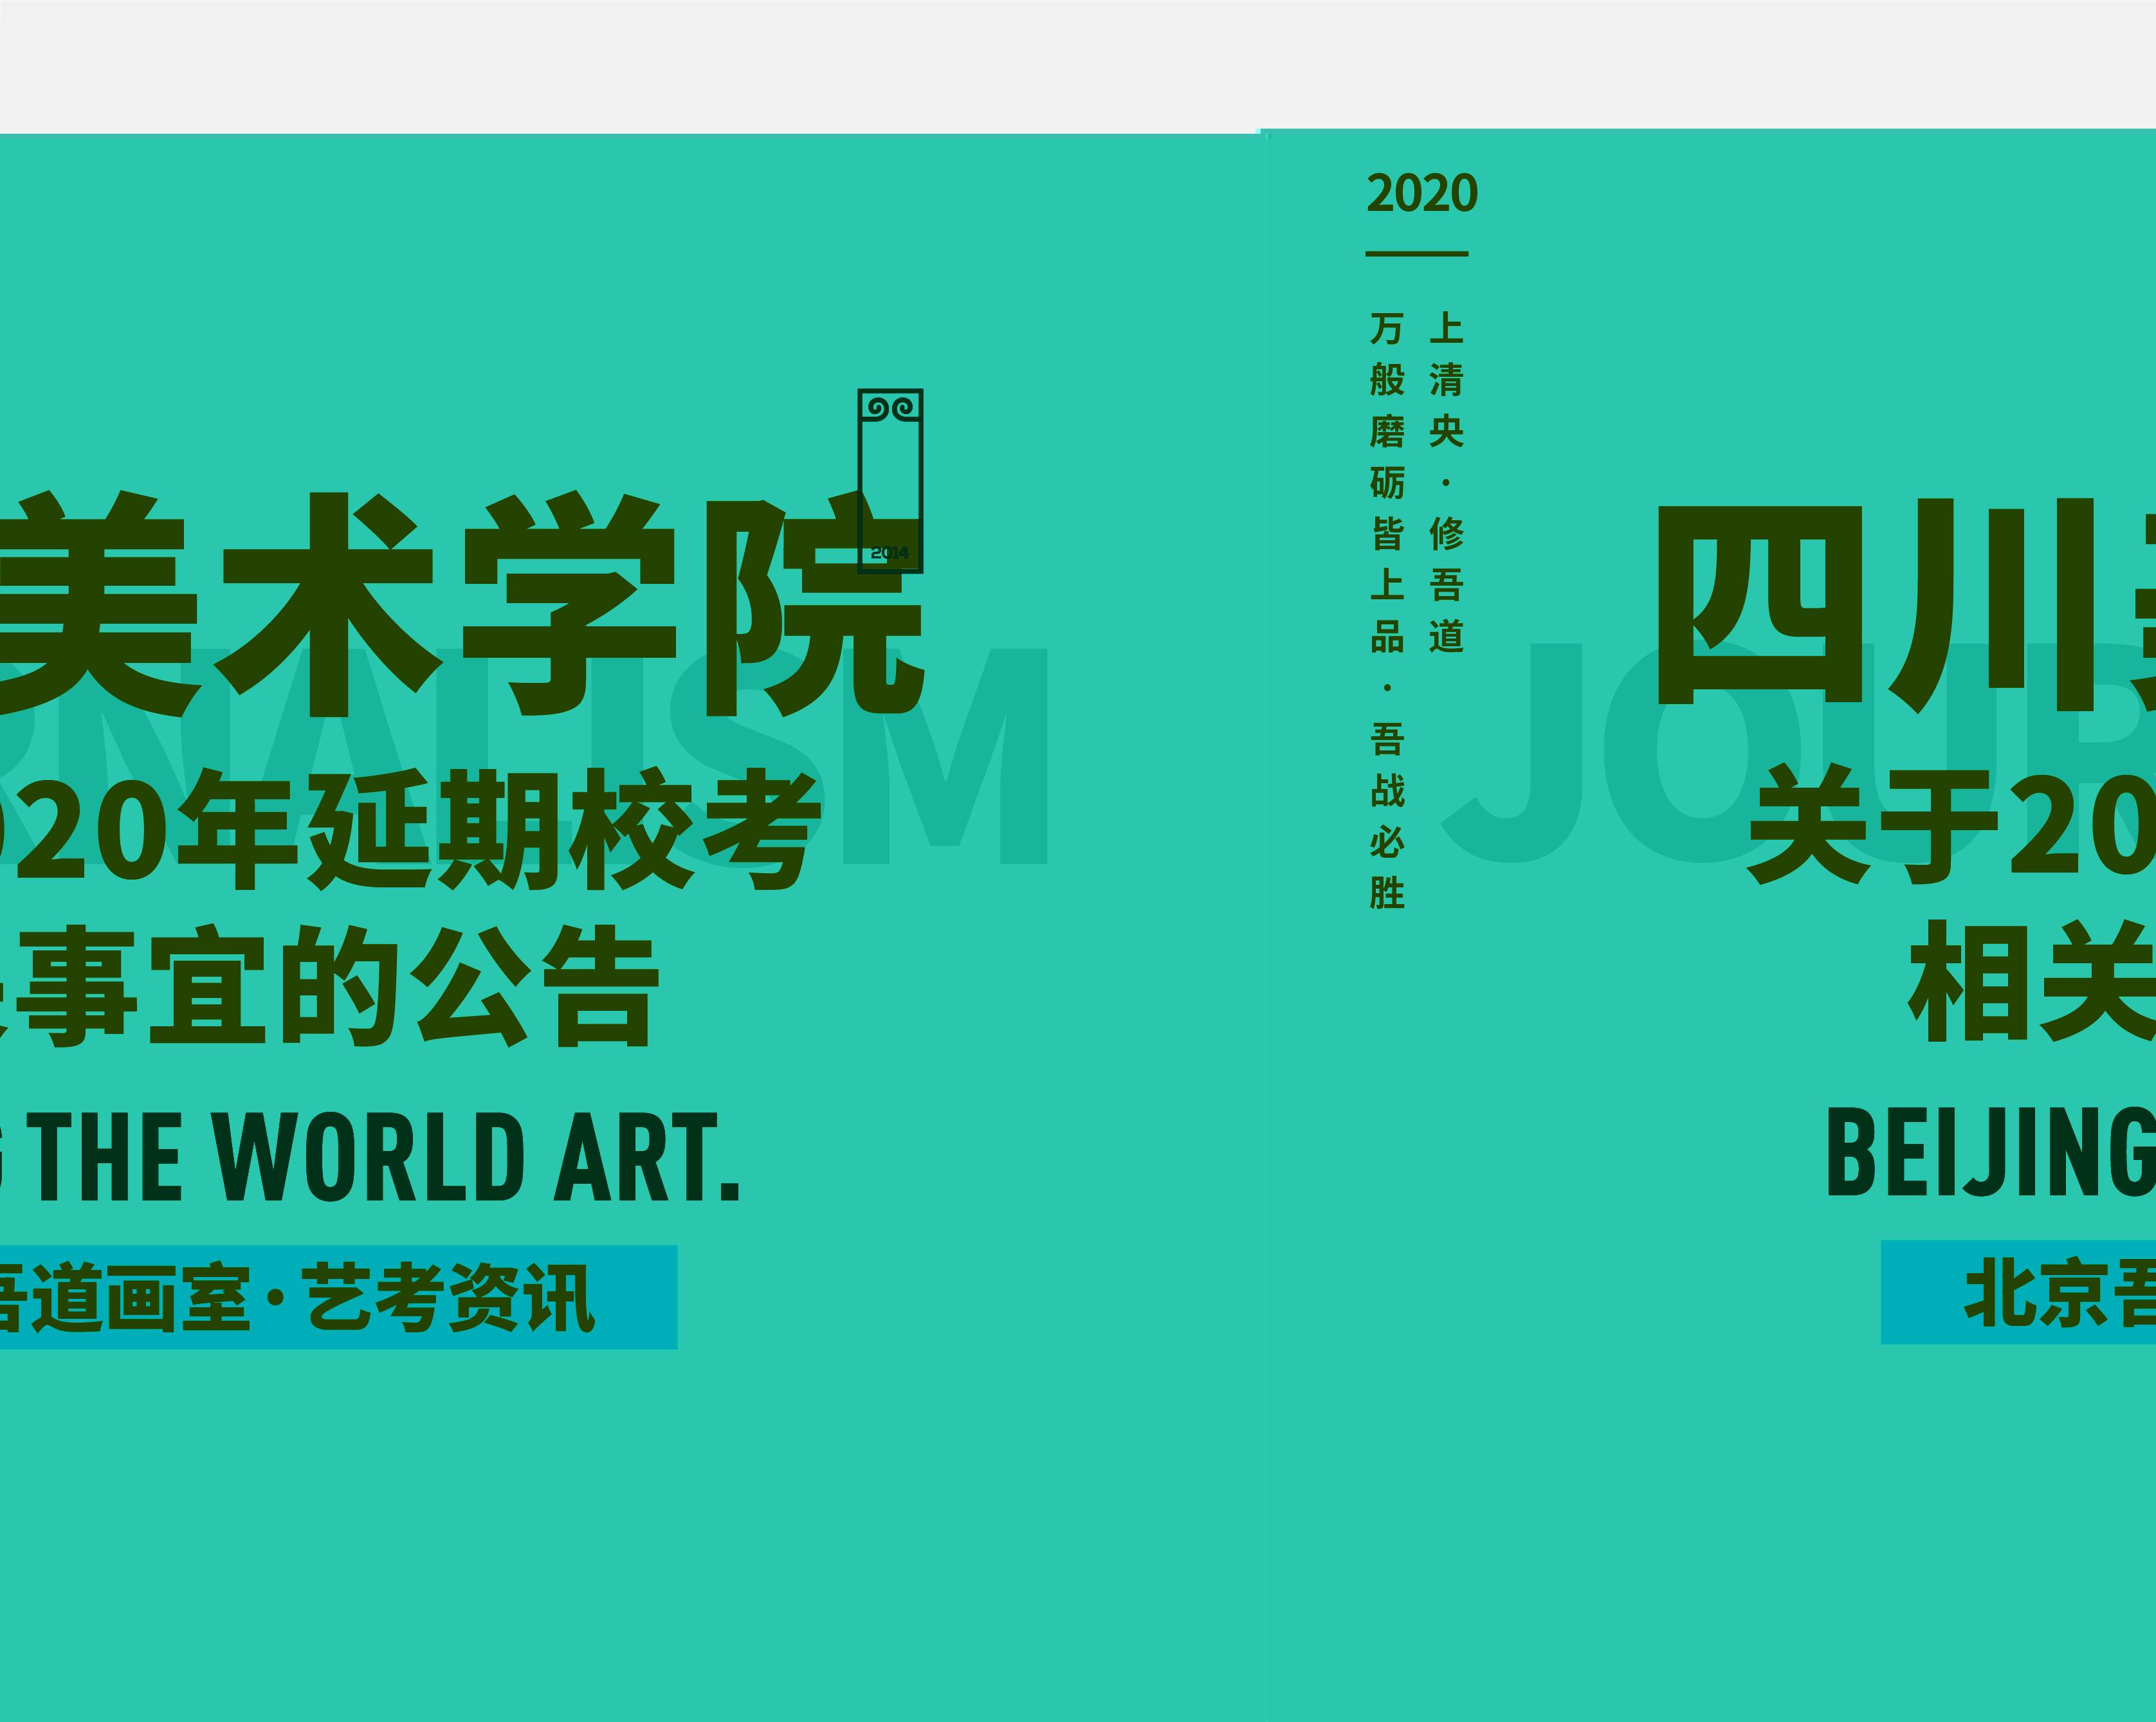 四川美术学院关于2020年延期校考相关事宜的公告